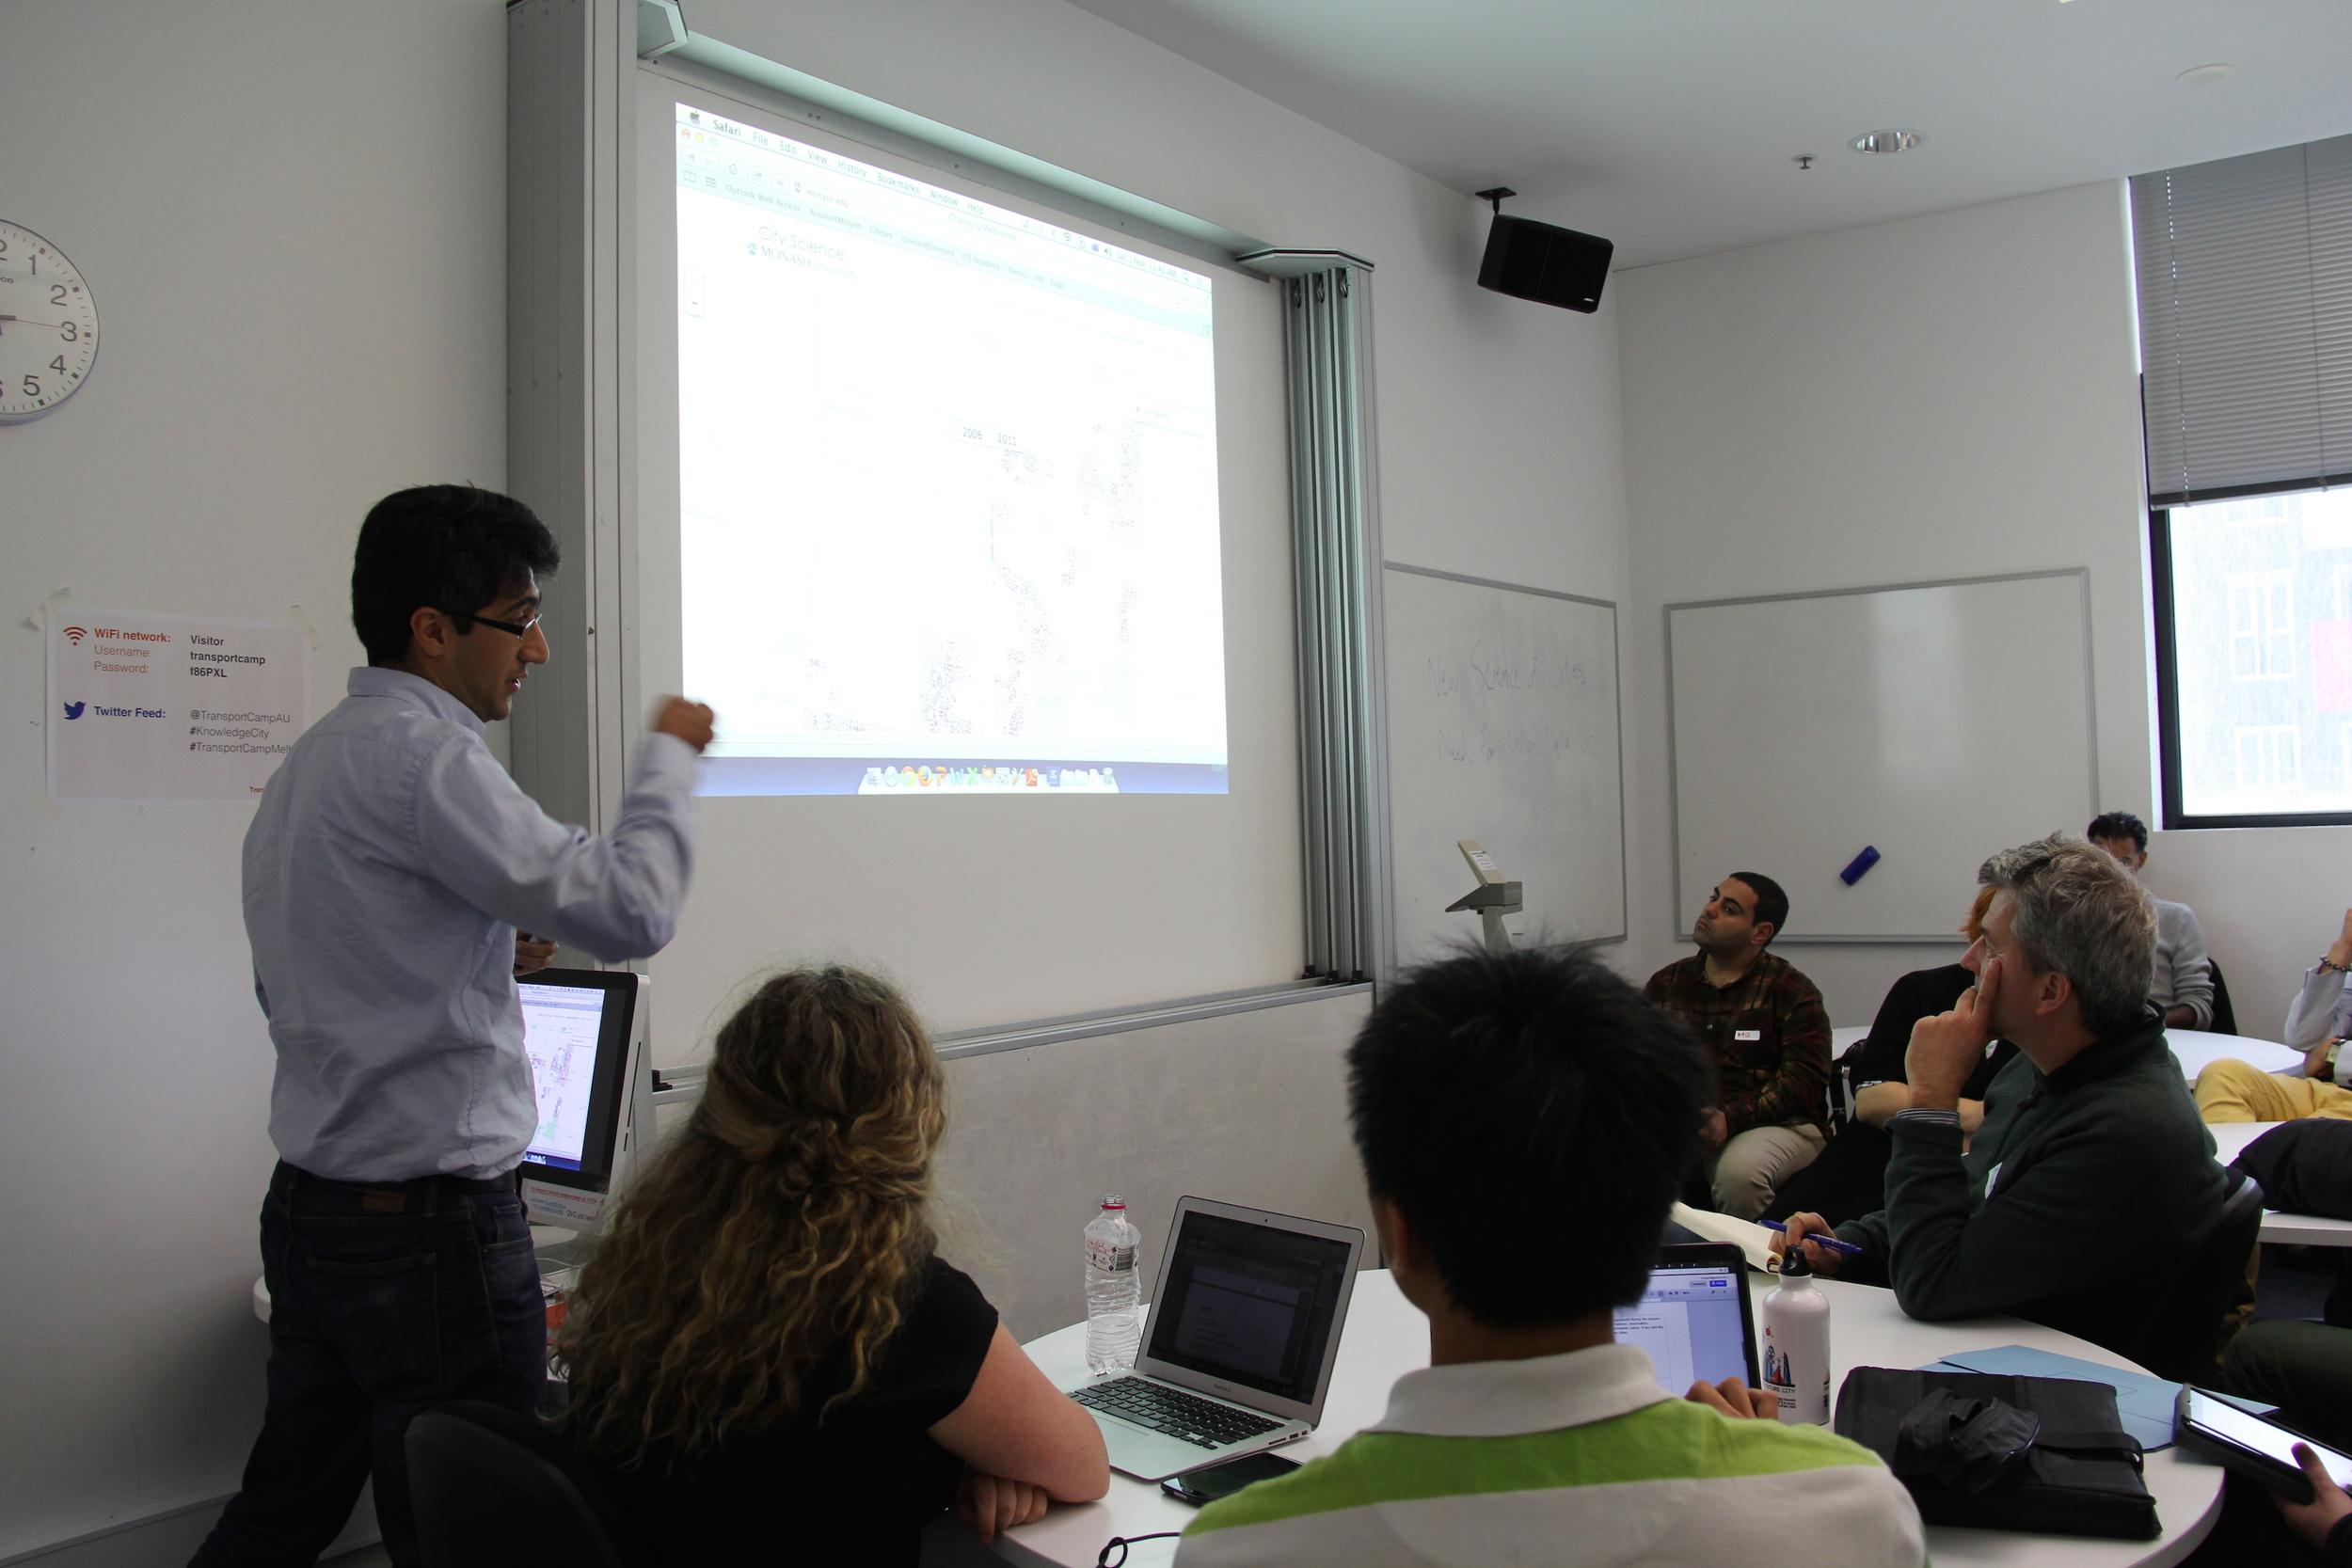 Meead Saberi explaining a spatial visualisation